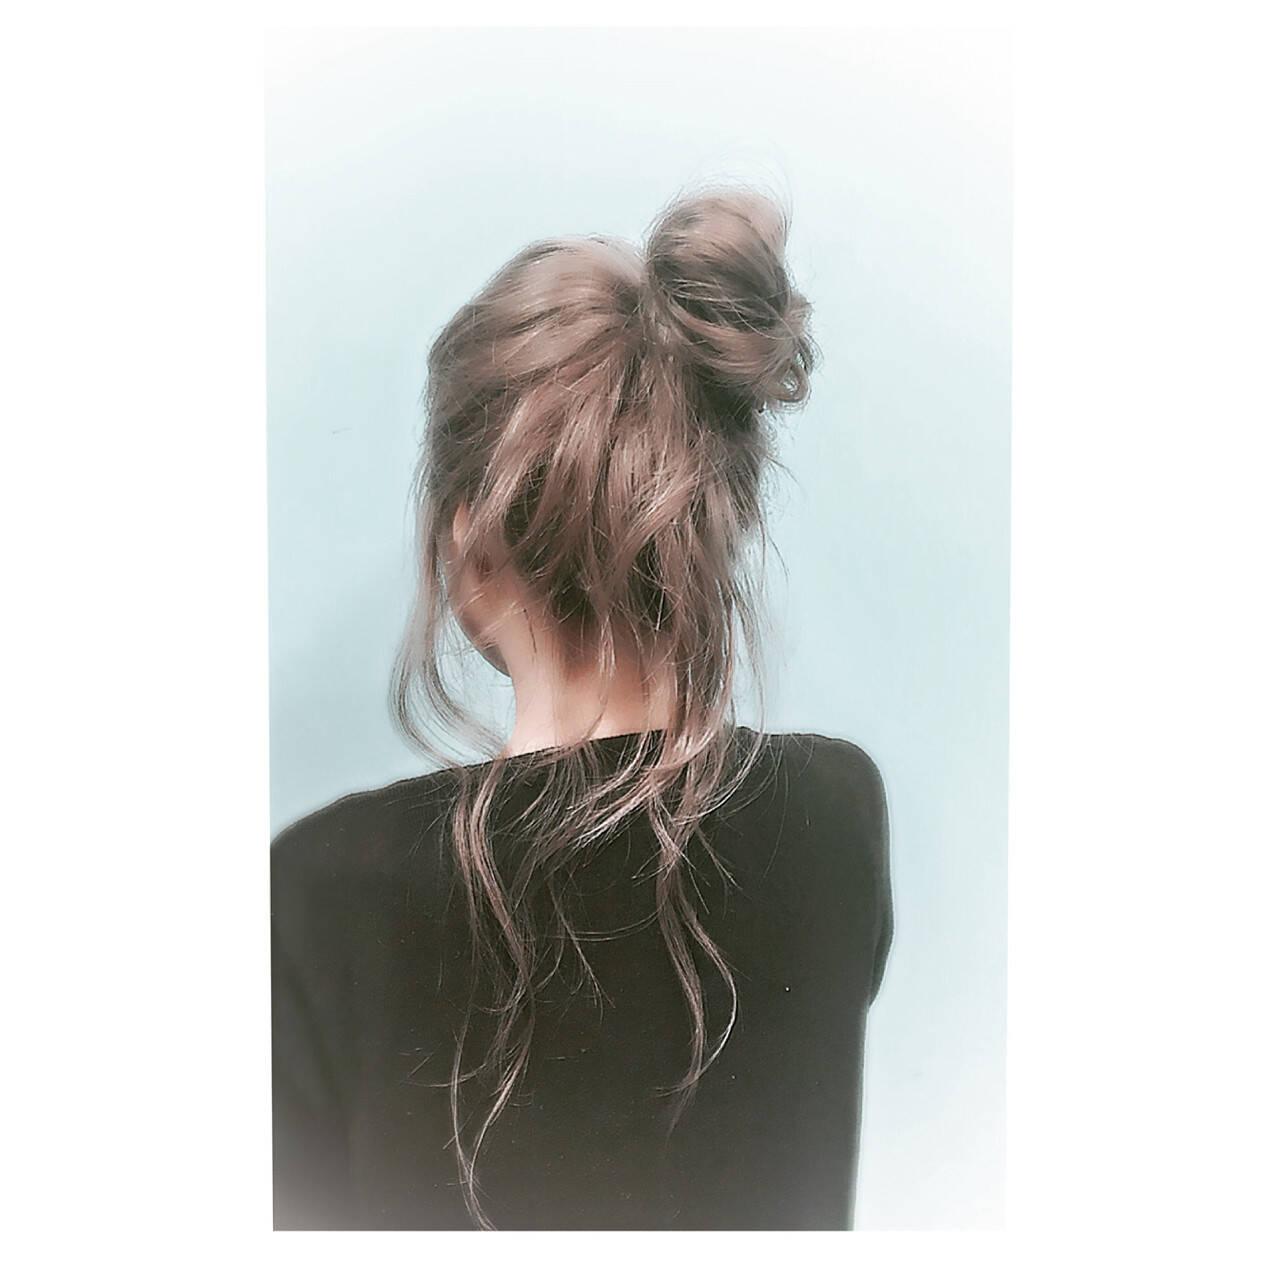 グラデーションカラー ナチュラル ロング ヘアアレンジヘアスタイルや髪型の写真・画像